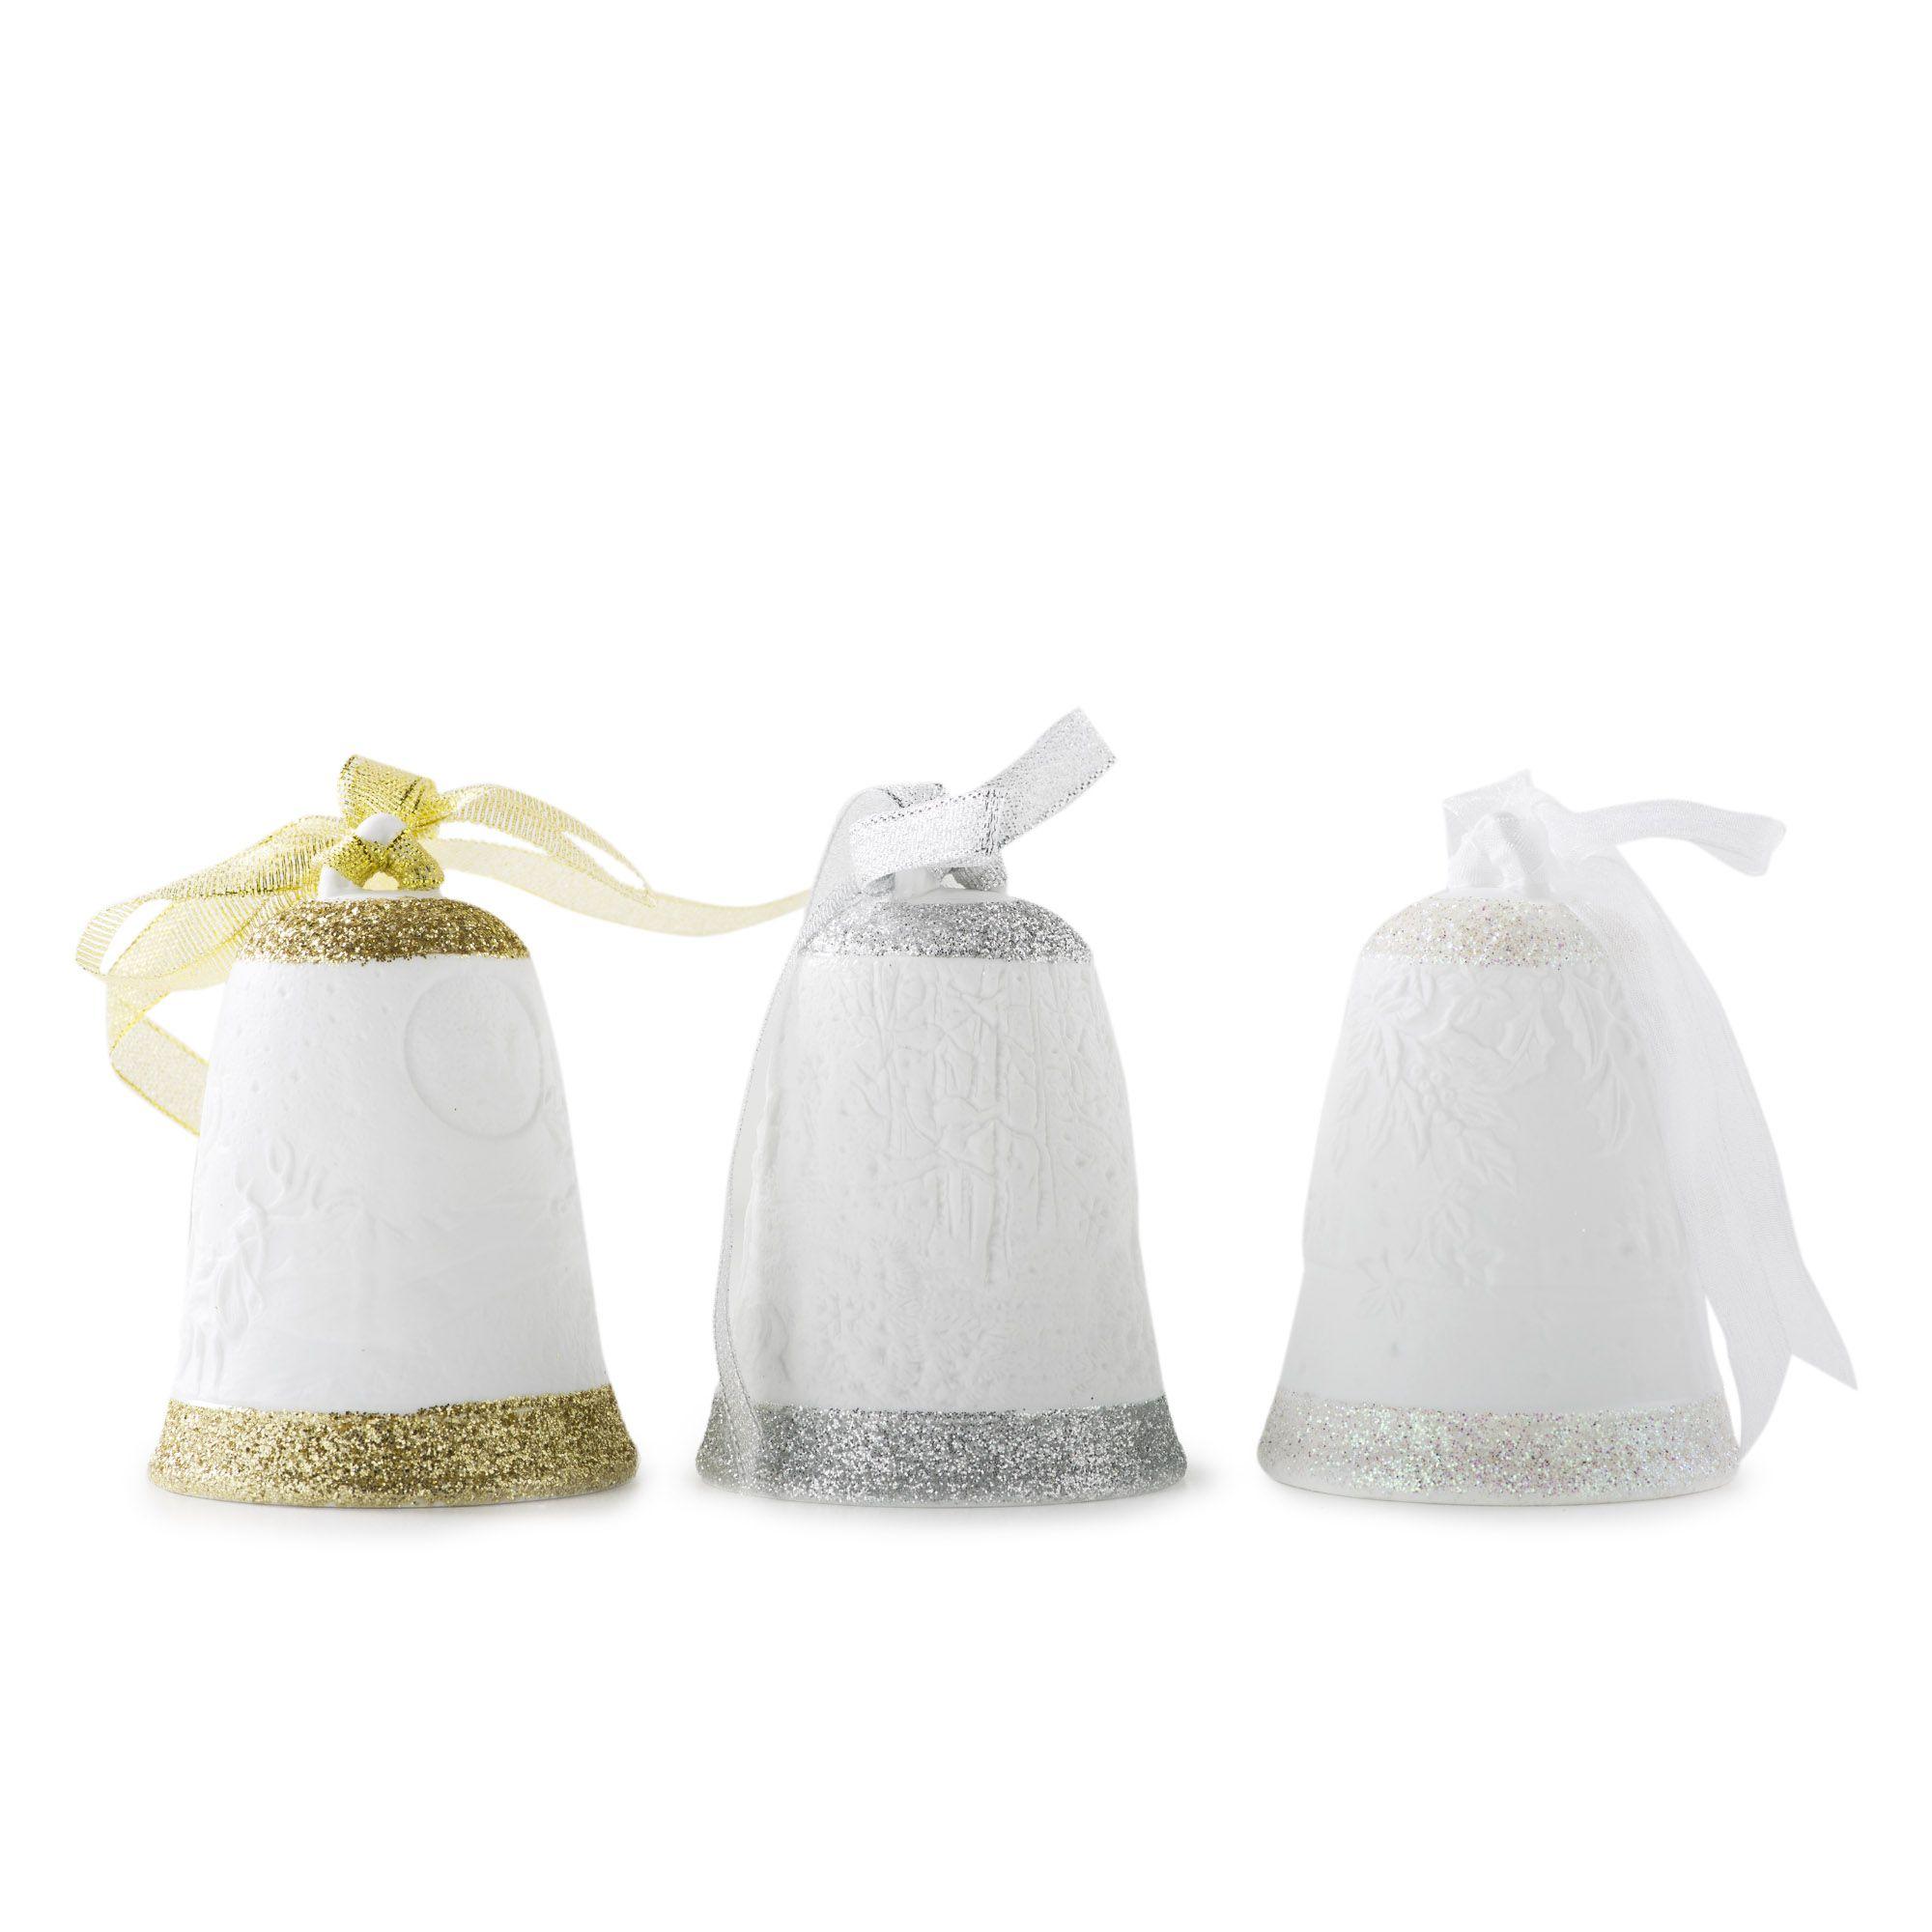 Bella notte 3 campane in porcellana decorata per - Qvc marchi cucina ...